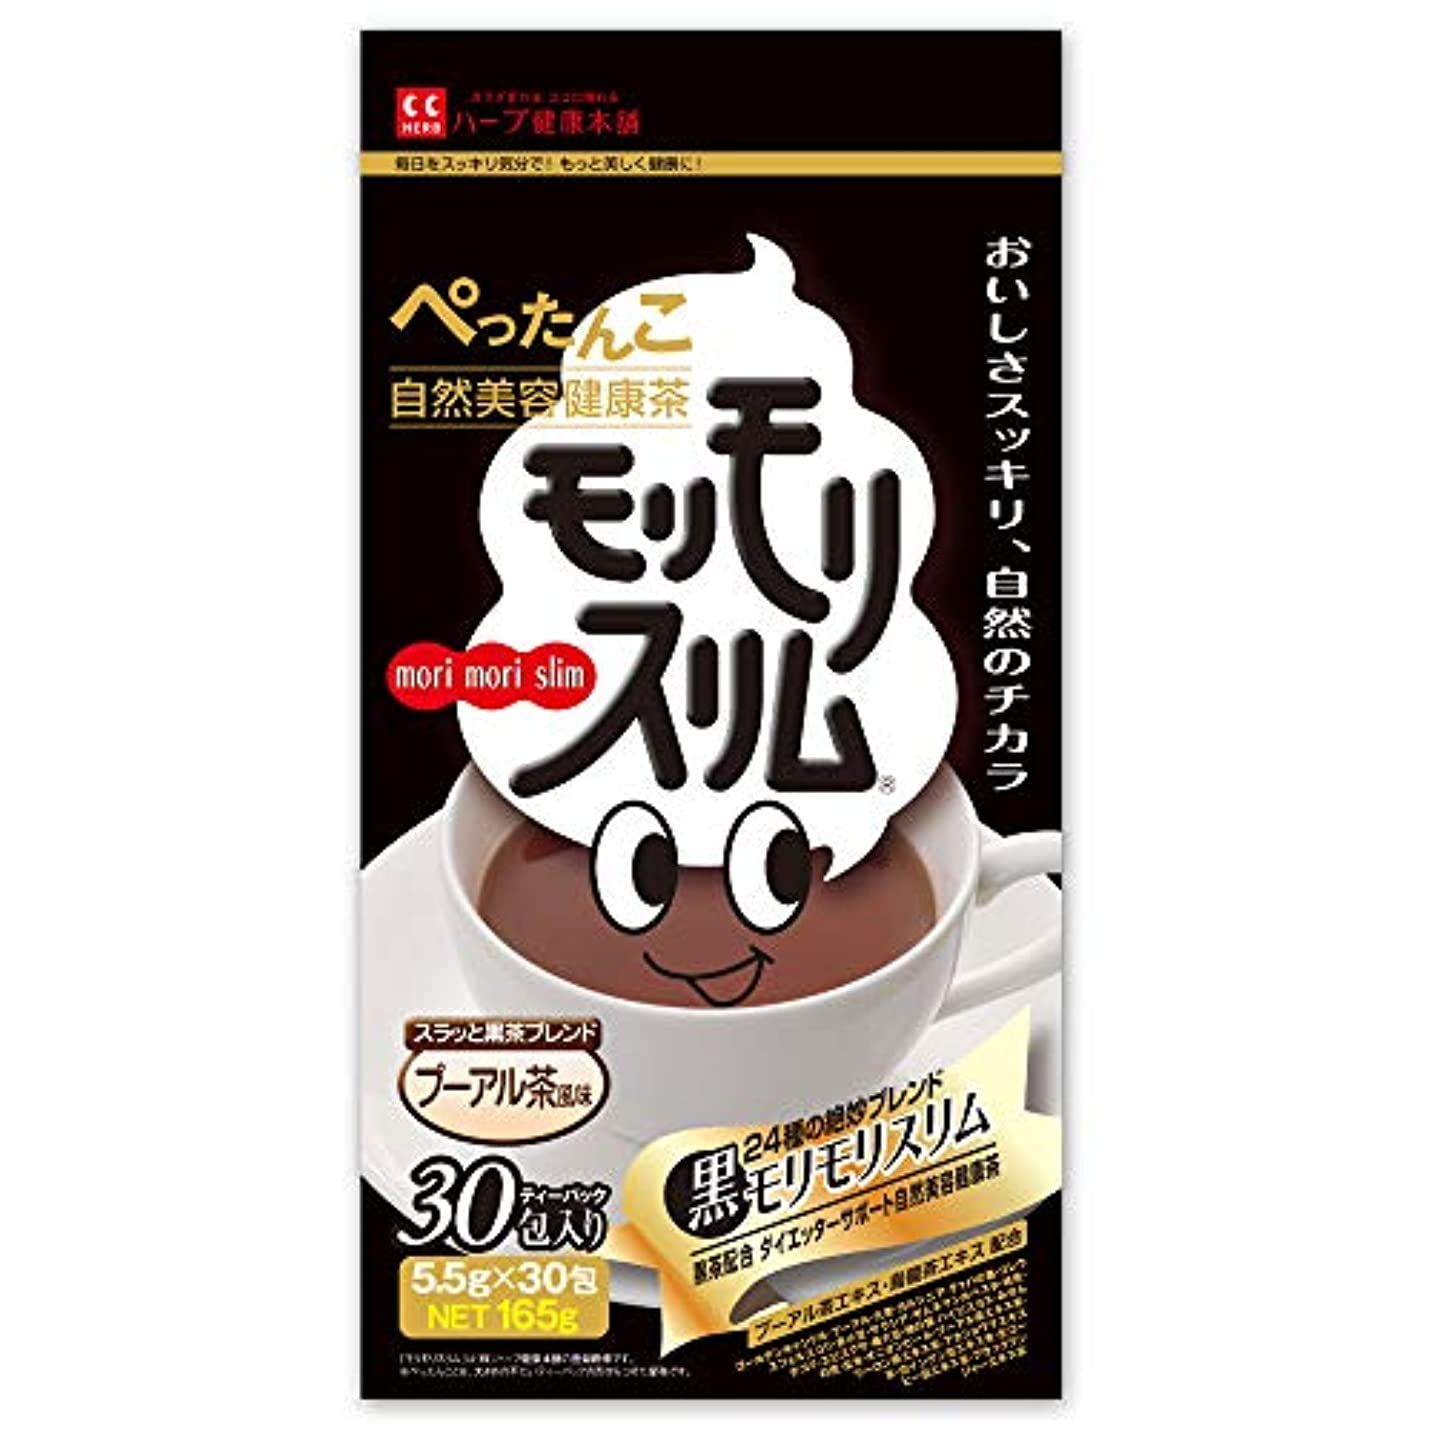 それ伝染性の読みやすいハーブ健康本舗 黒モリモリスリム(プーアル茶風味) (30包)